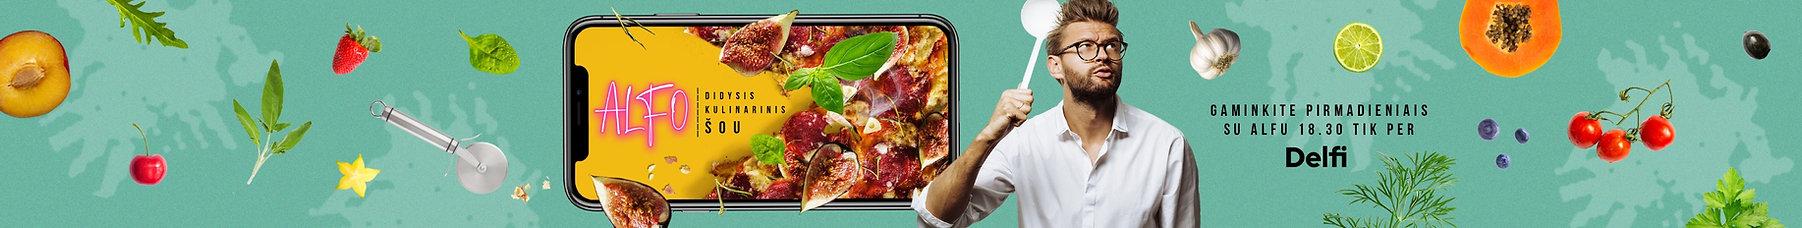 Alfo Ivanausko didysis kulinarinis šou. Gamink su Alfu Ivanausku